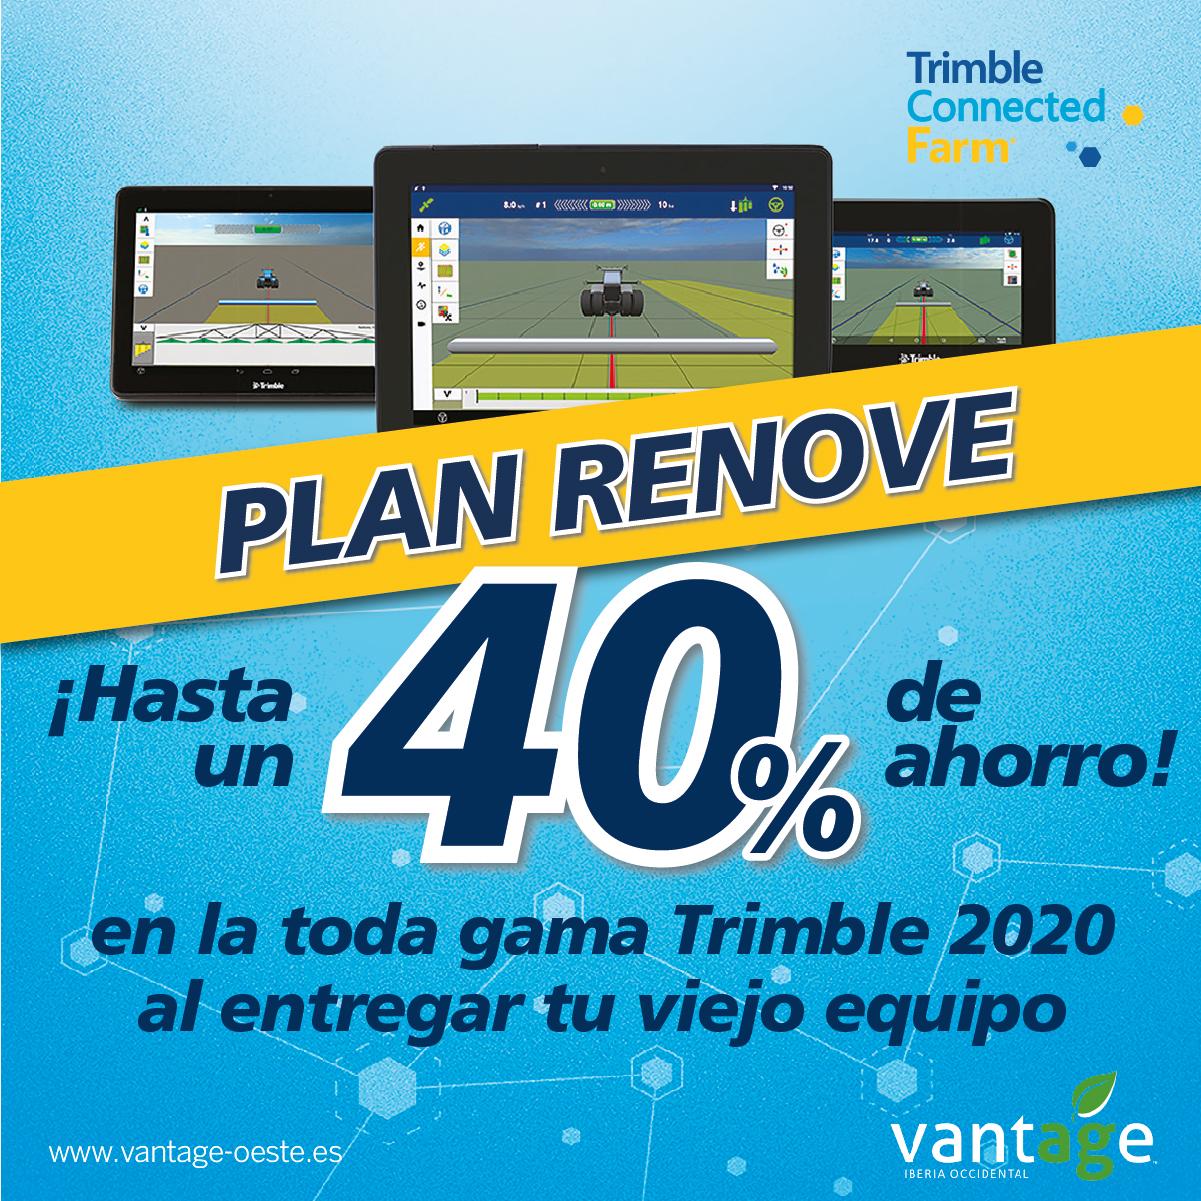 Plan Renove de Trimble